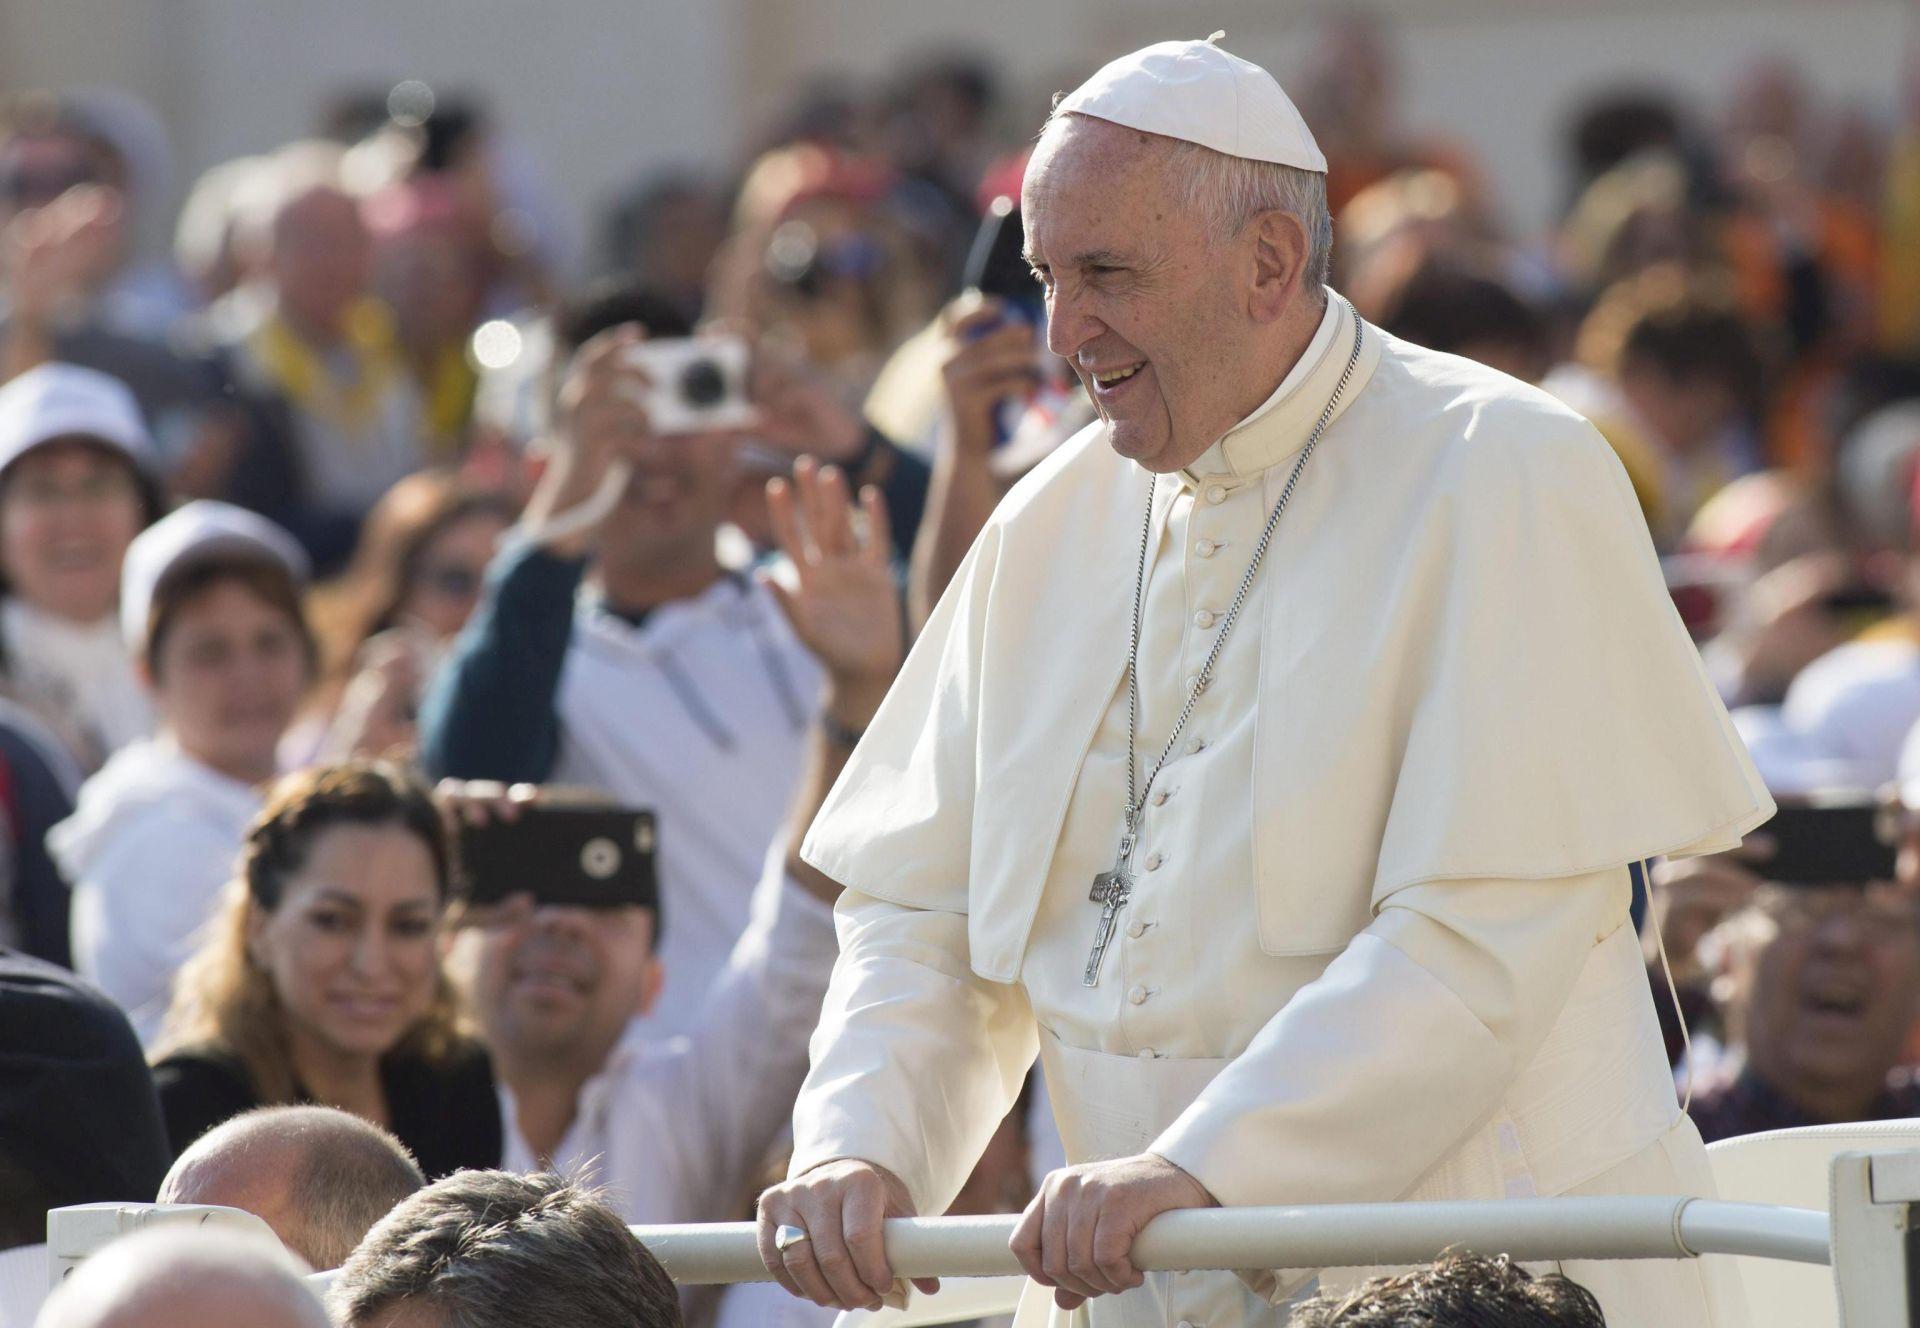 PRVI PUT U 500 GODINA: Papa u zajedničkoj molitvi s anglikanskim poglavarom